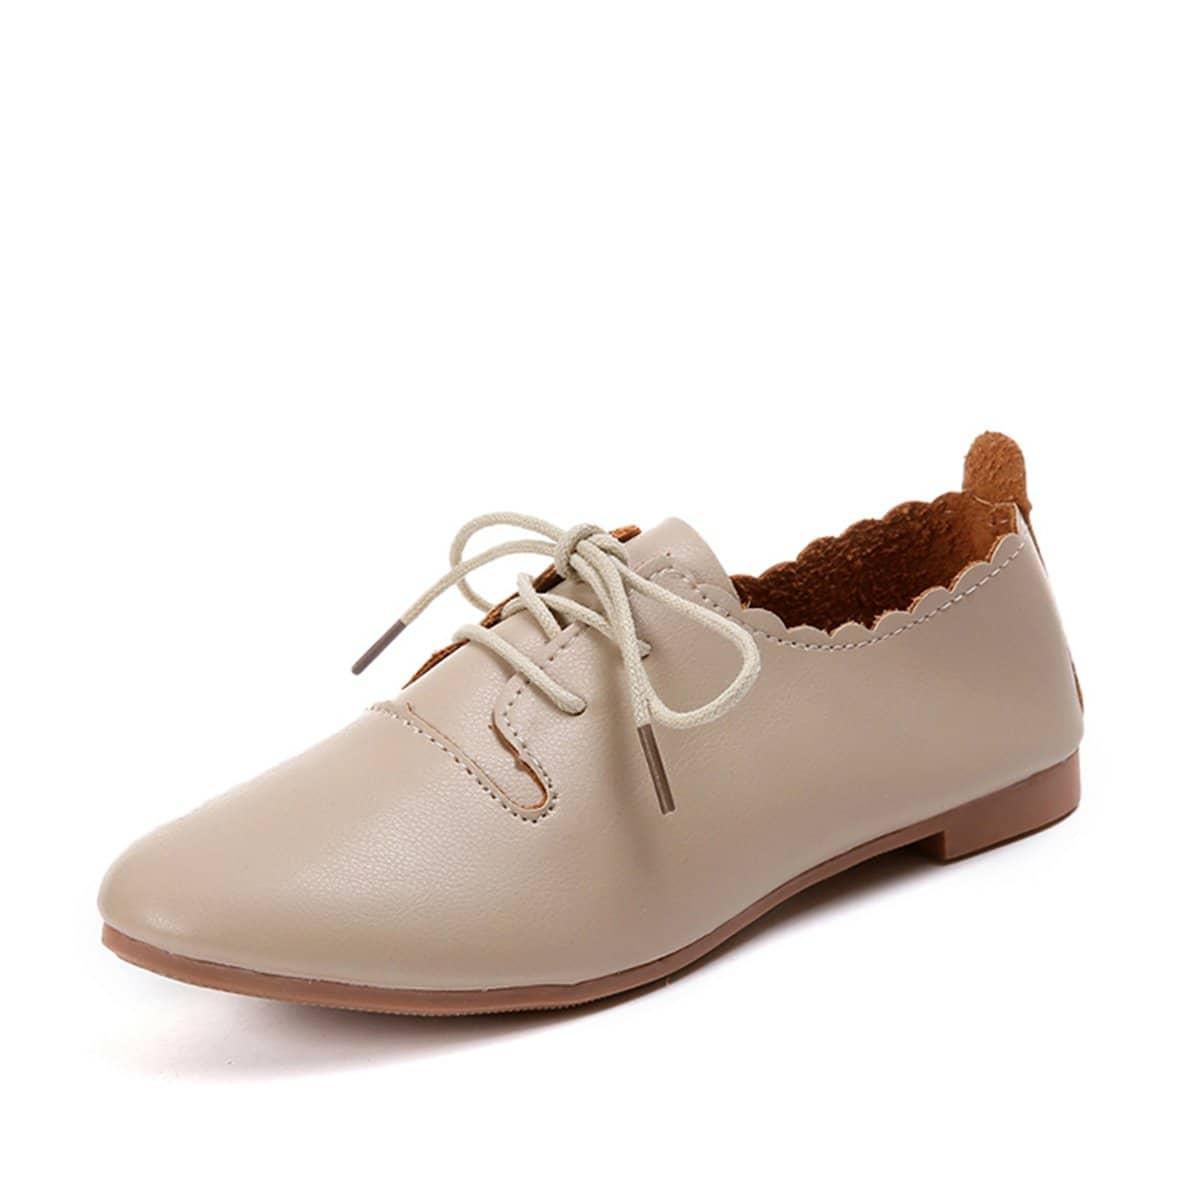 Туфли без каблуков на шнуровке с веерообразной отделкой от SHEIN